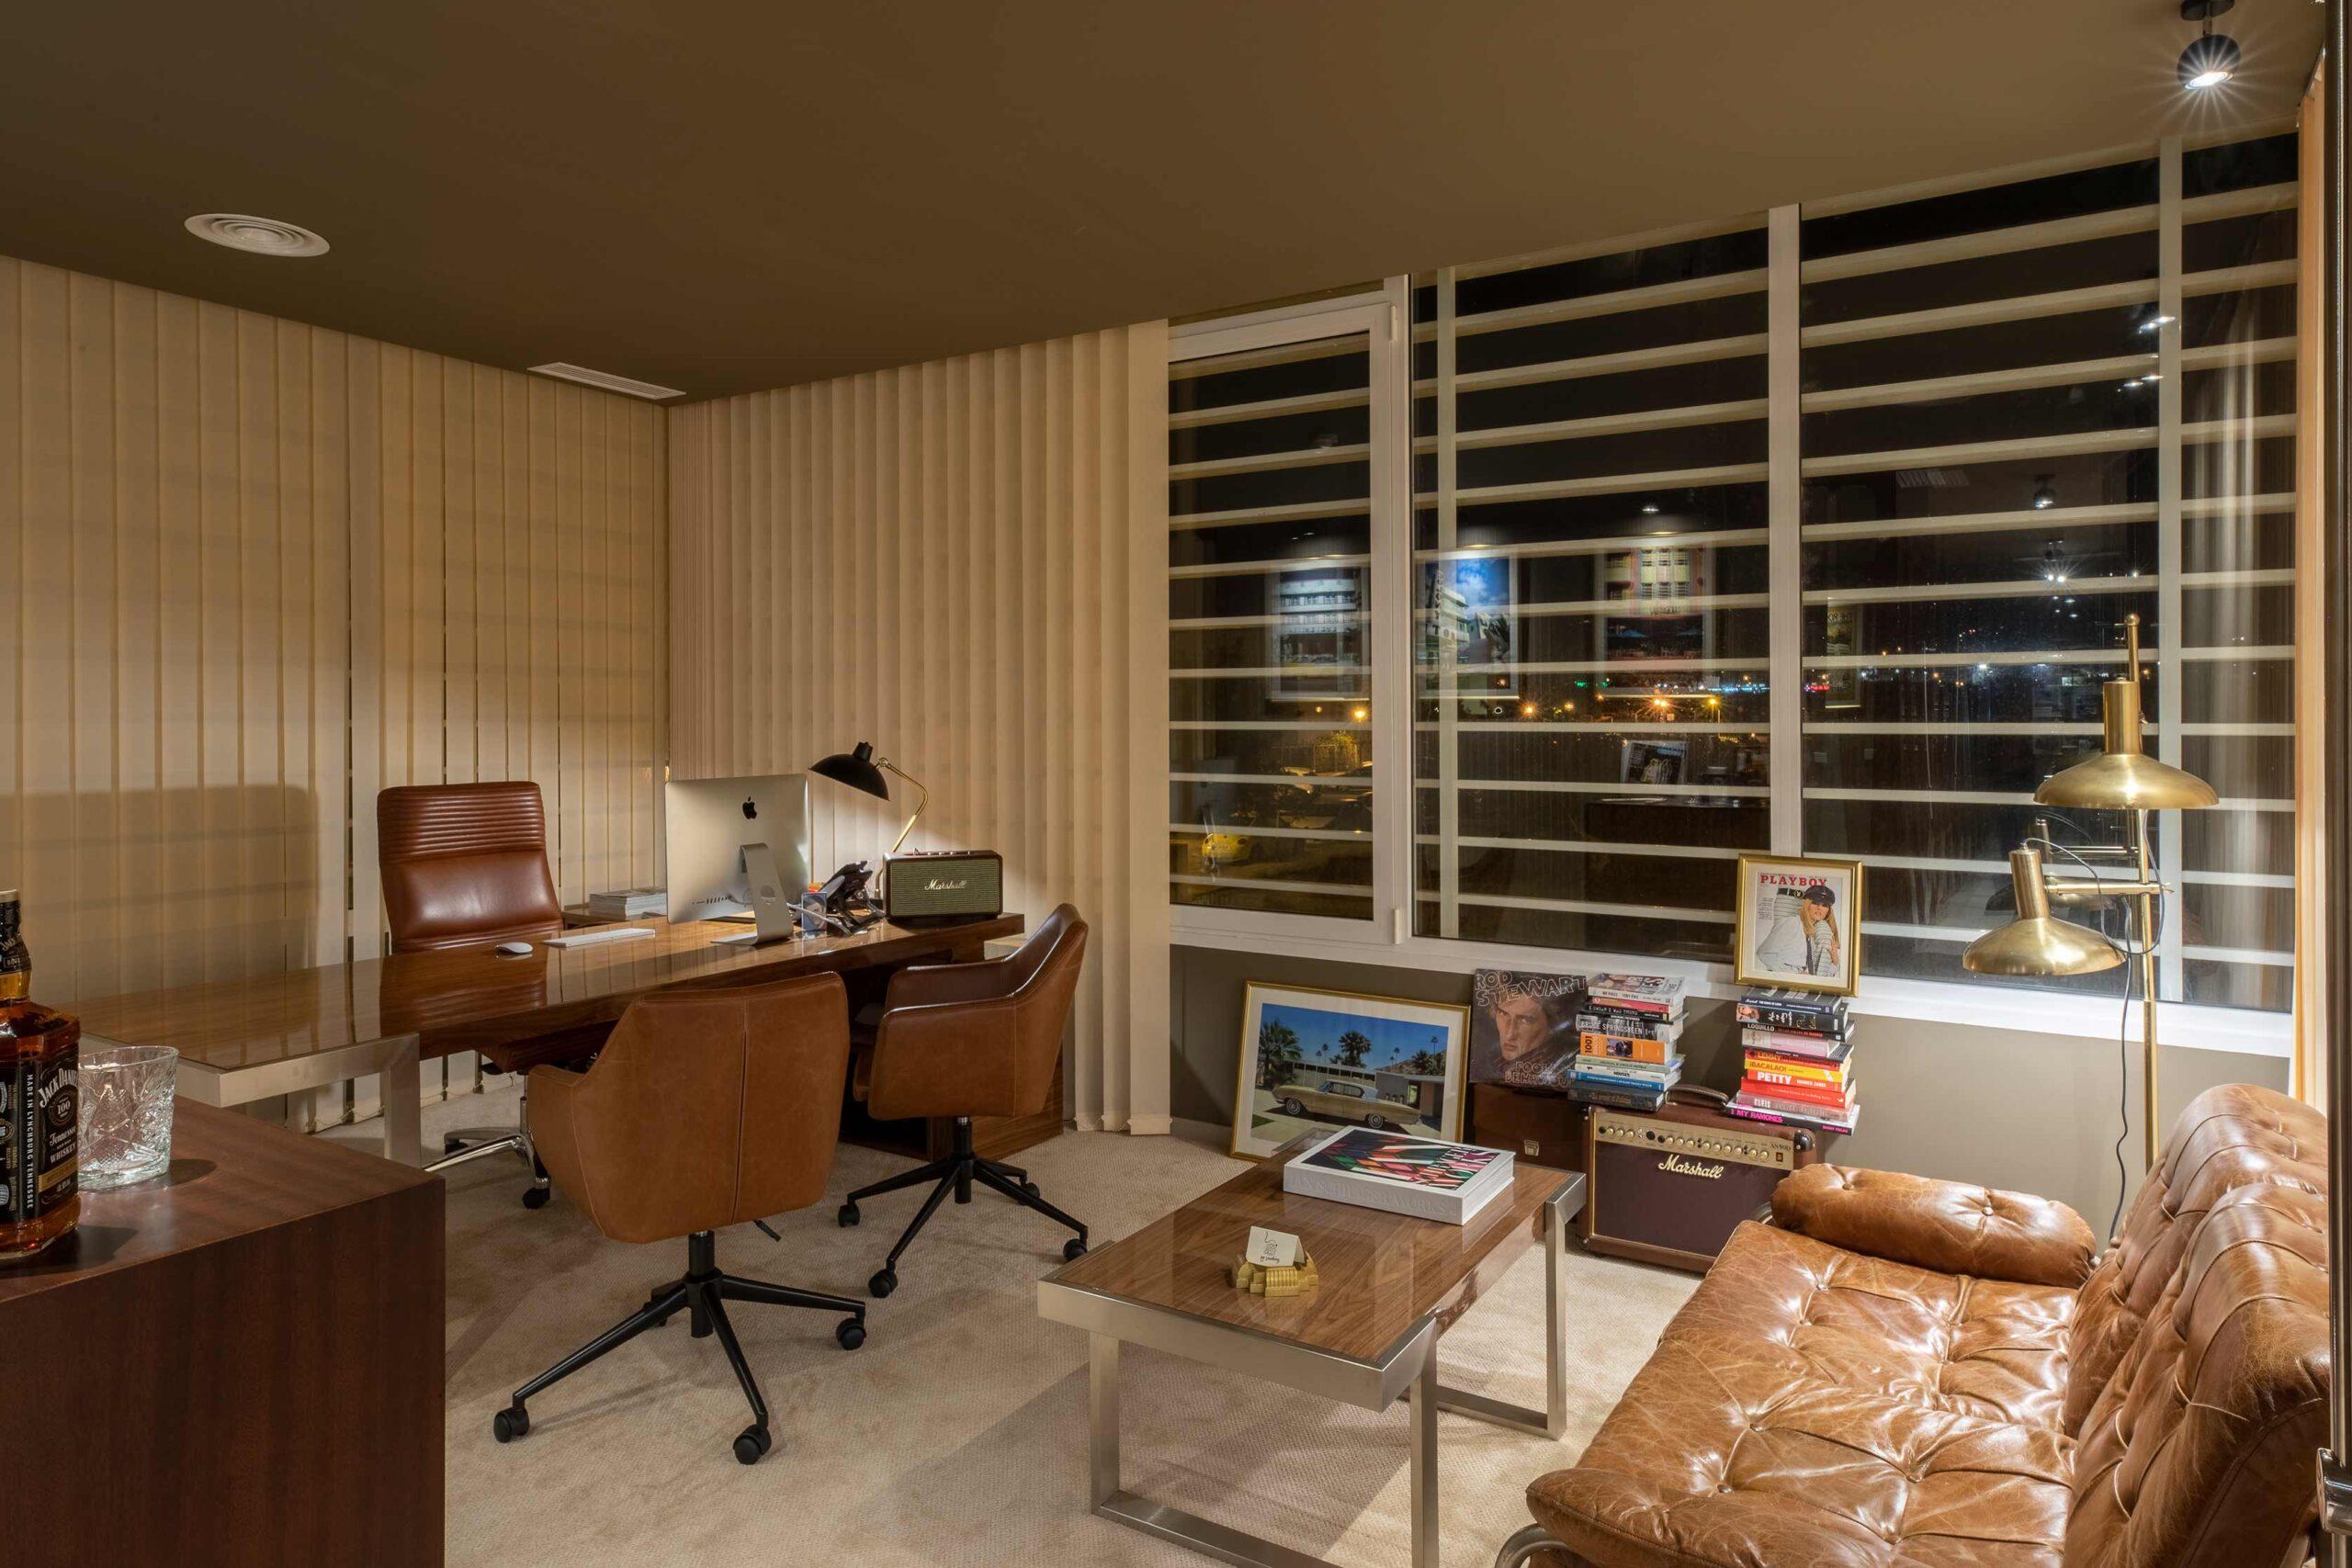 Oficinas Concept, Ibiza (9)